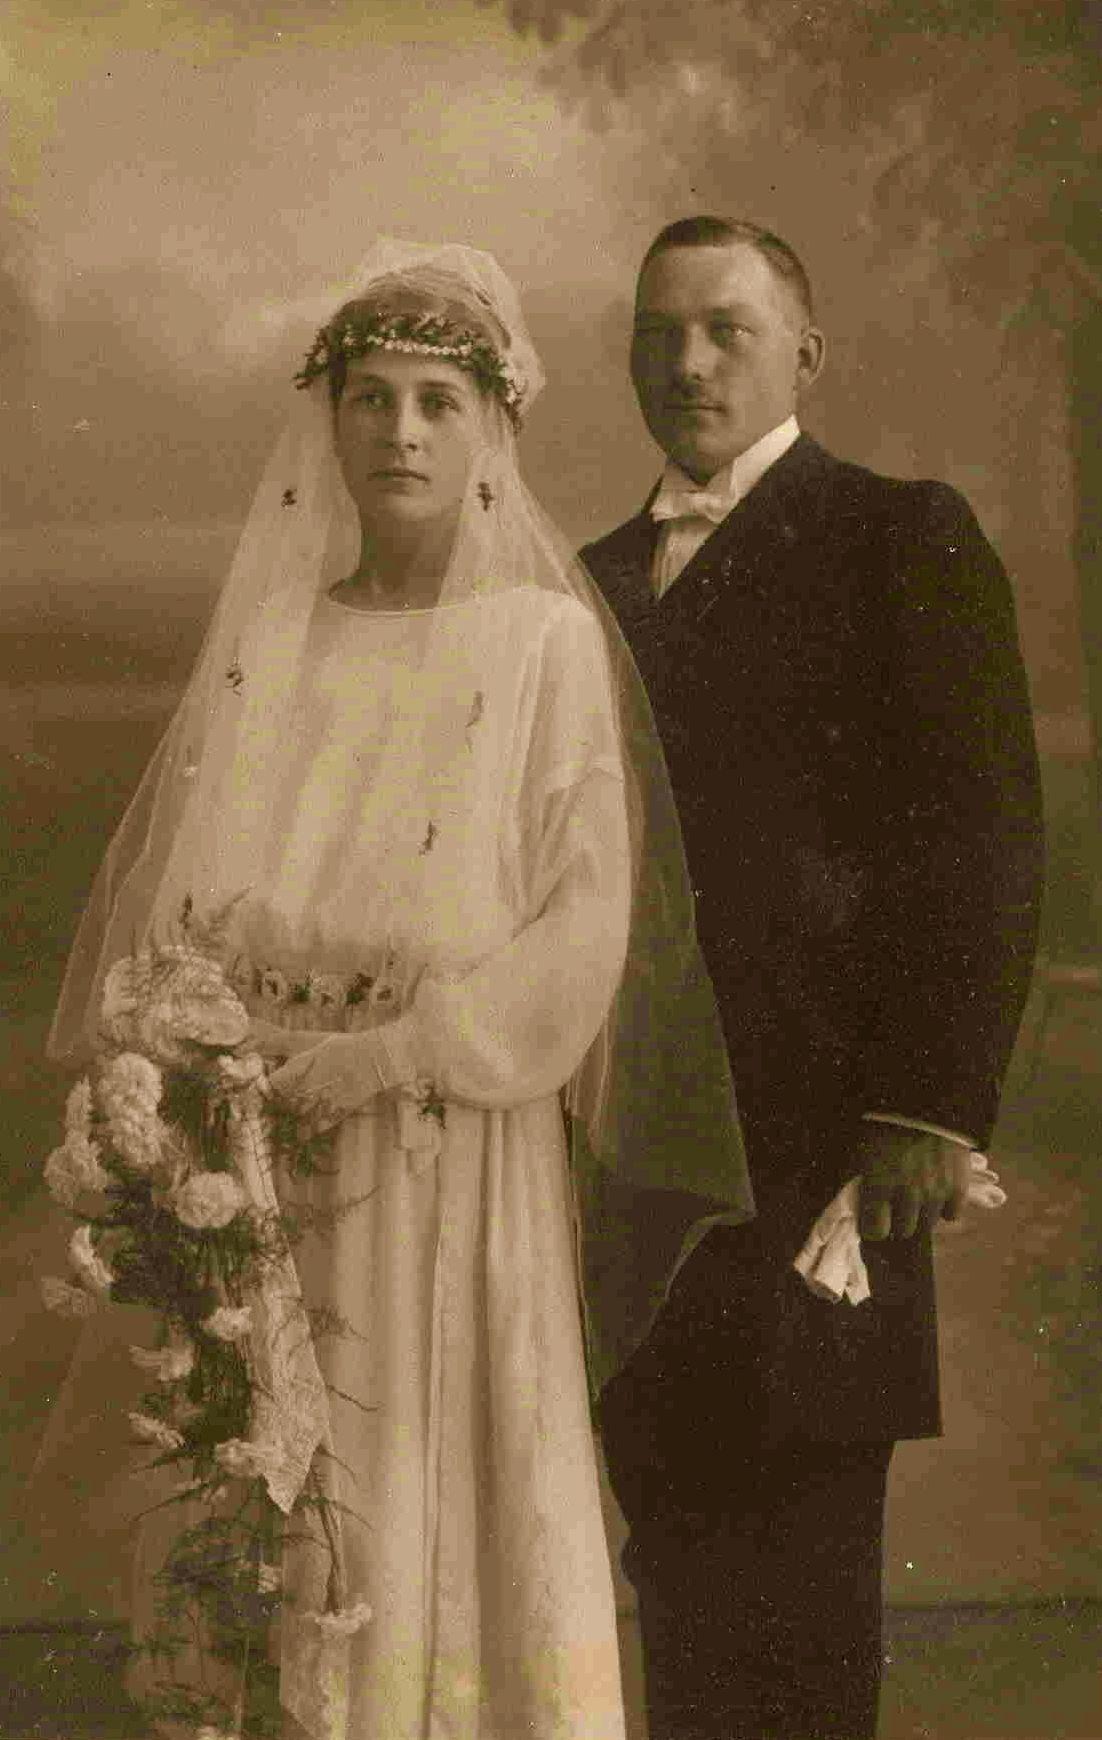 Hochzeitsausstellung Bild 2